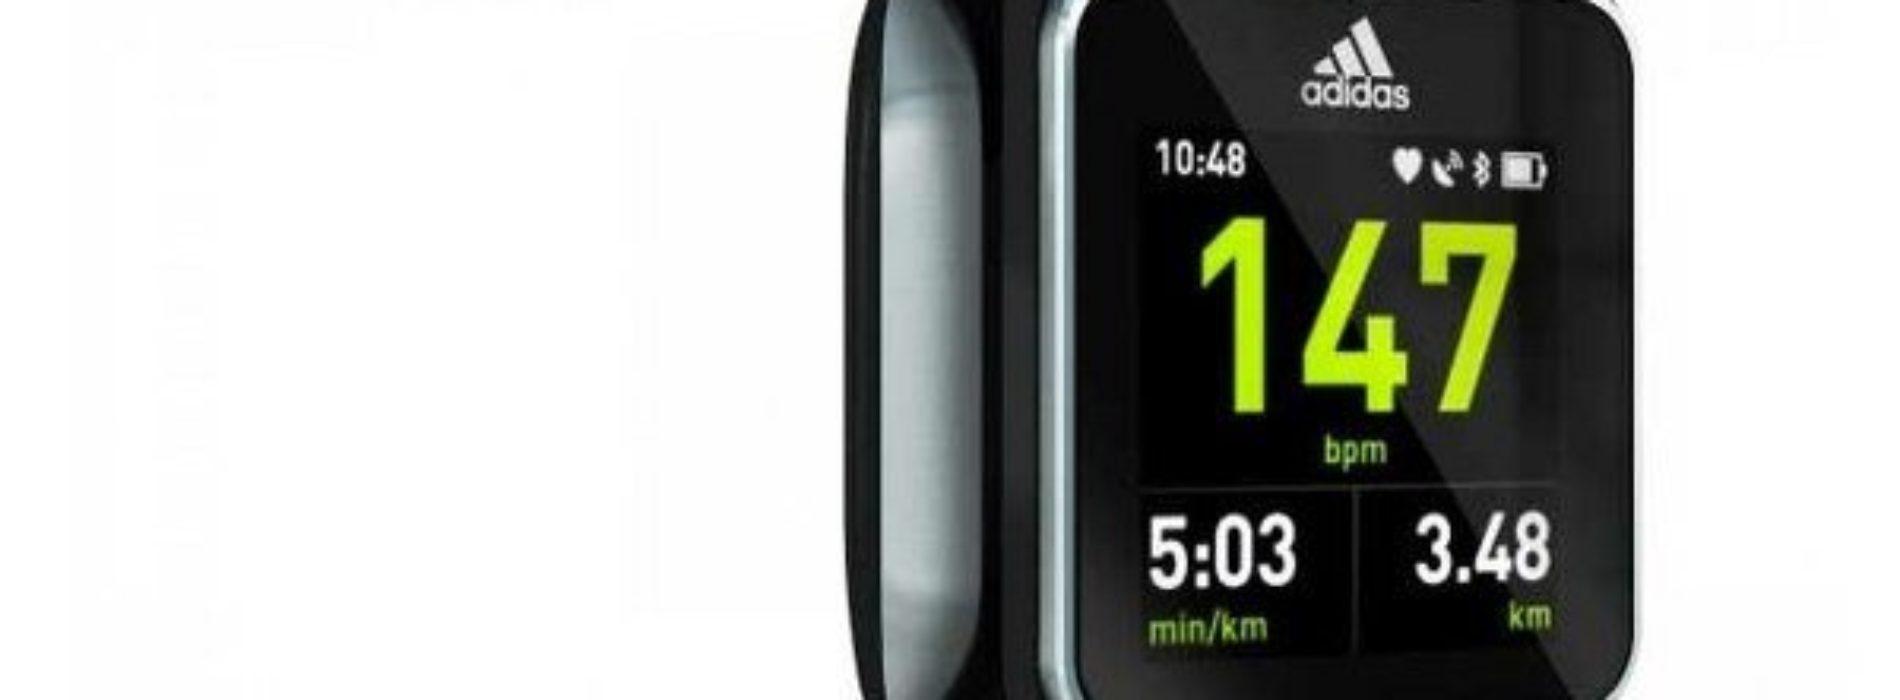 Adidas pone fecha de caducidad a los miCoach Smart Run y SPEED_CELL Bluetooth